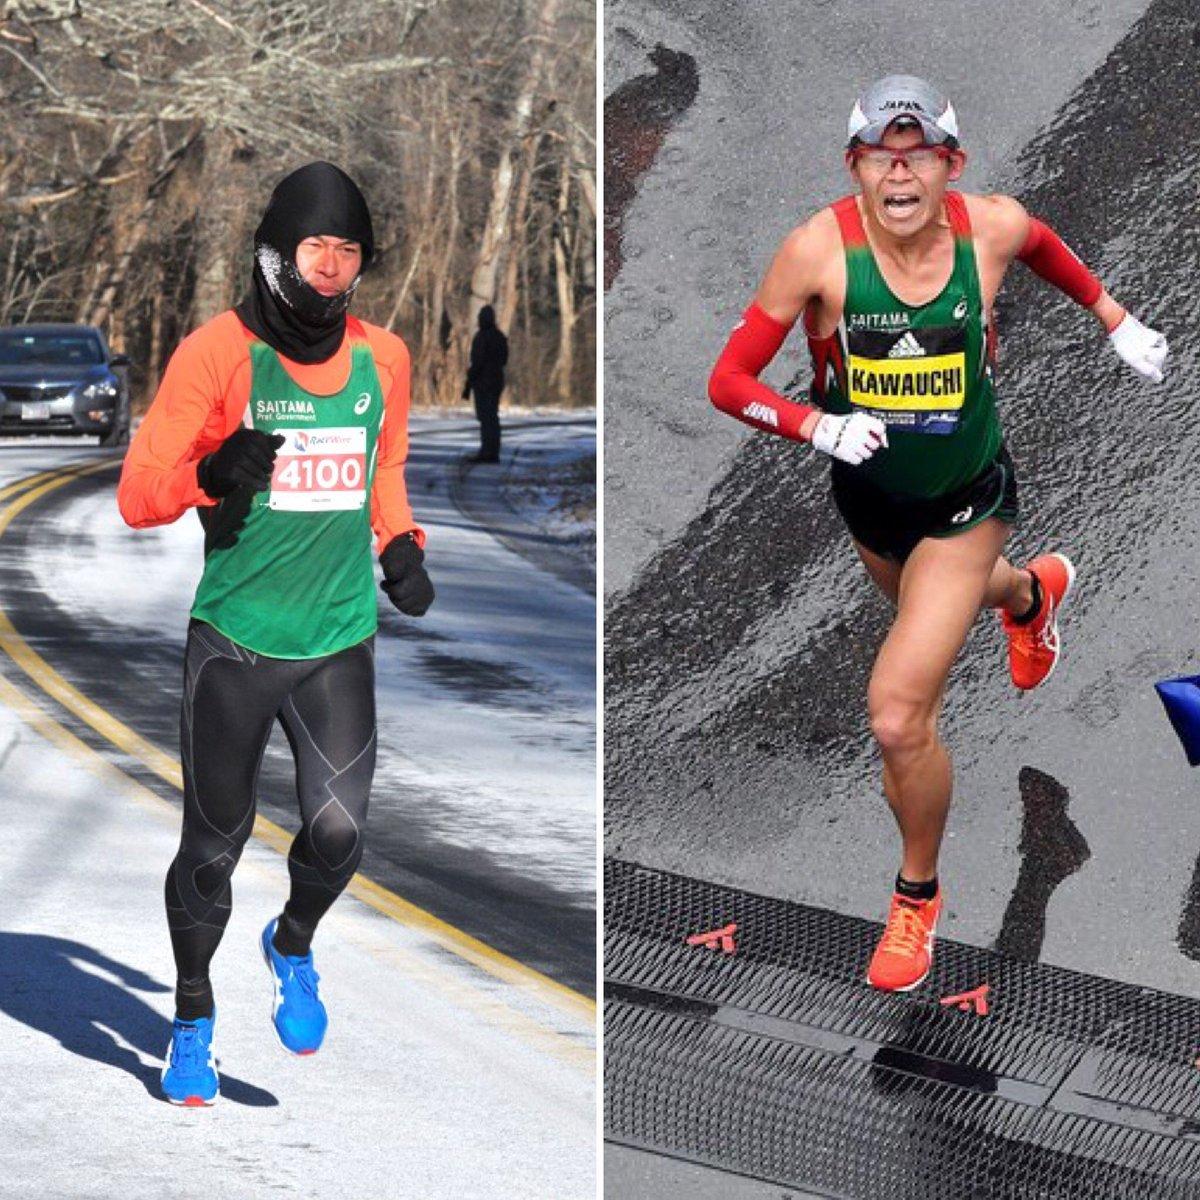 Sortir de la zone de confort... Hier, Yuki Kawauchi remportait le mythique @bostonmarathon dans des conditions dantesques et où de nombreux favoris ont terminé frigorifiés. Longévité et régularité, le tout sans être réellement professionnel. Inspiration ! #BostonMarathon  - FestivalFocus